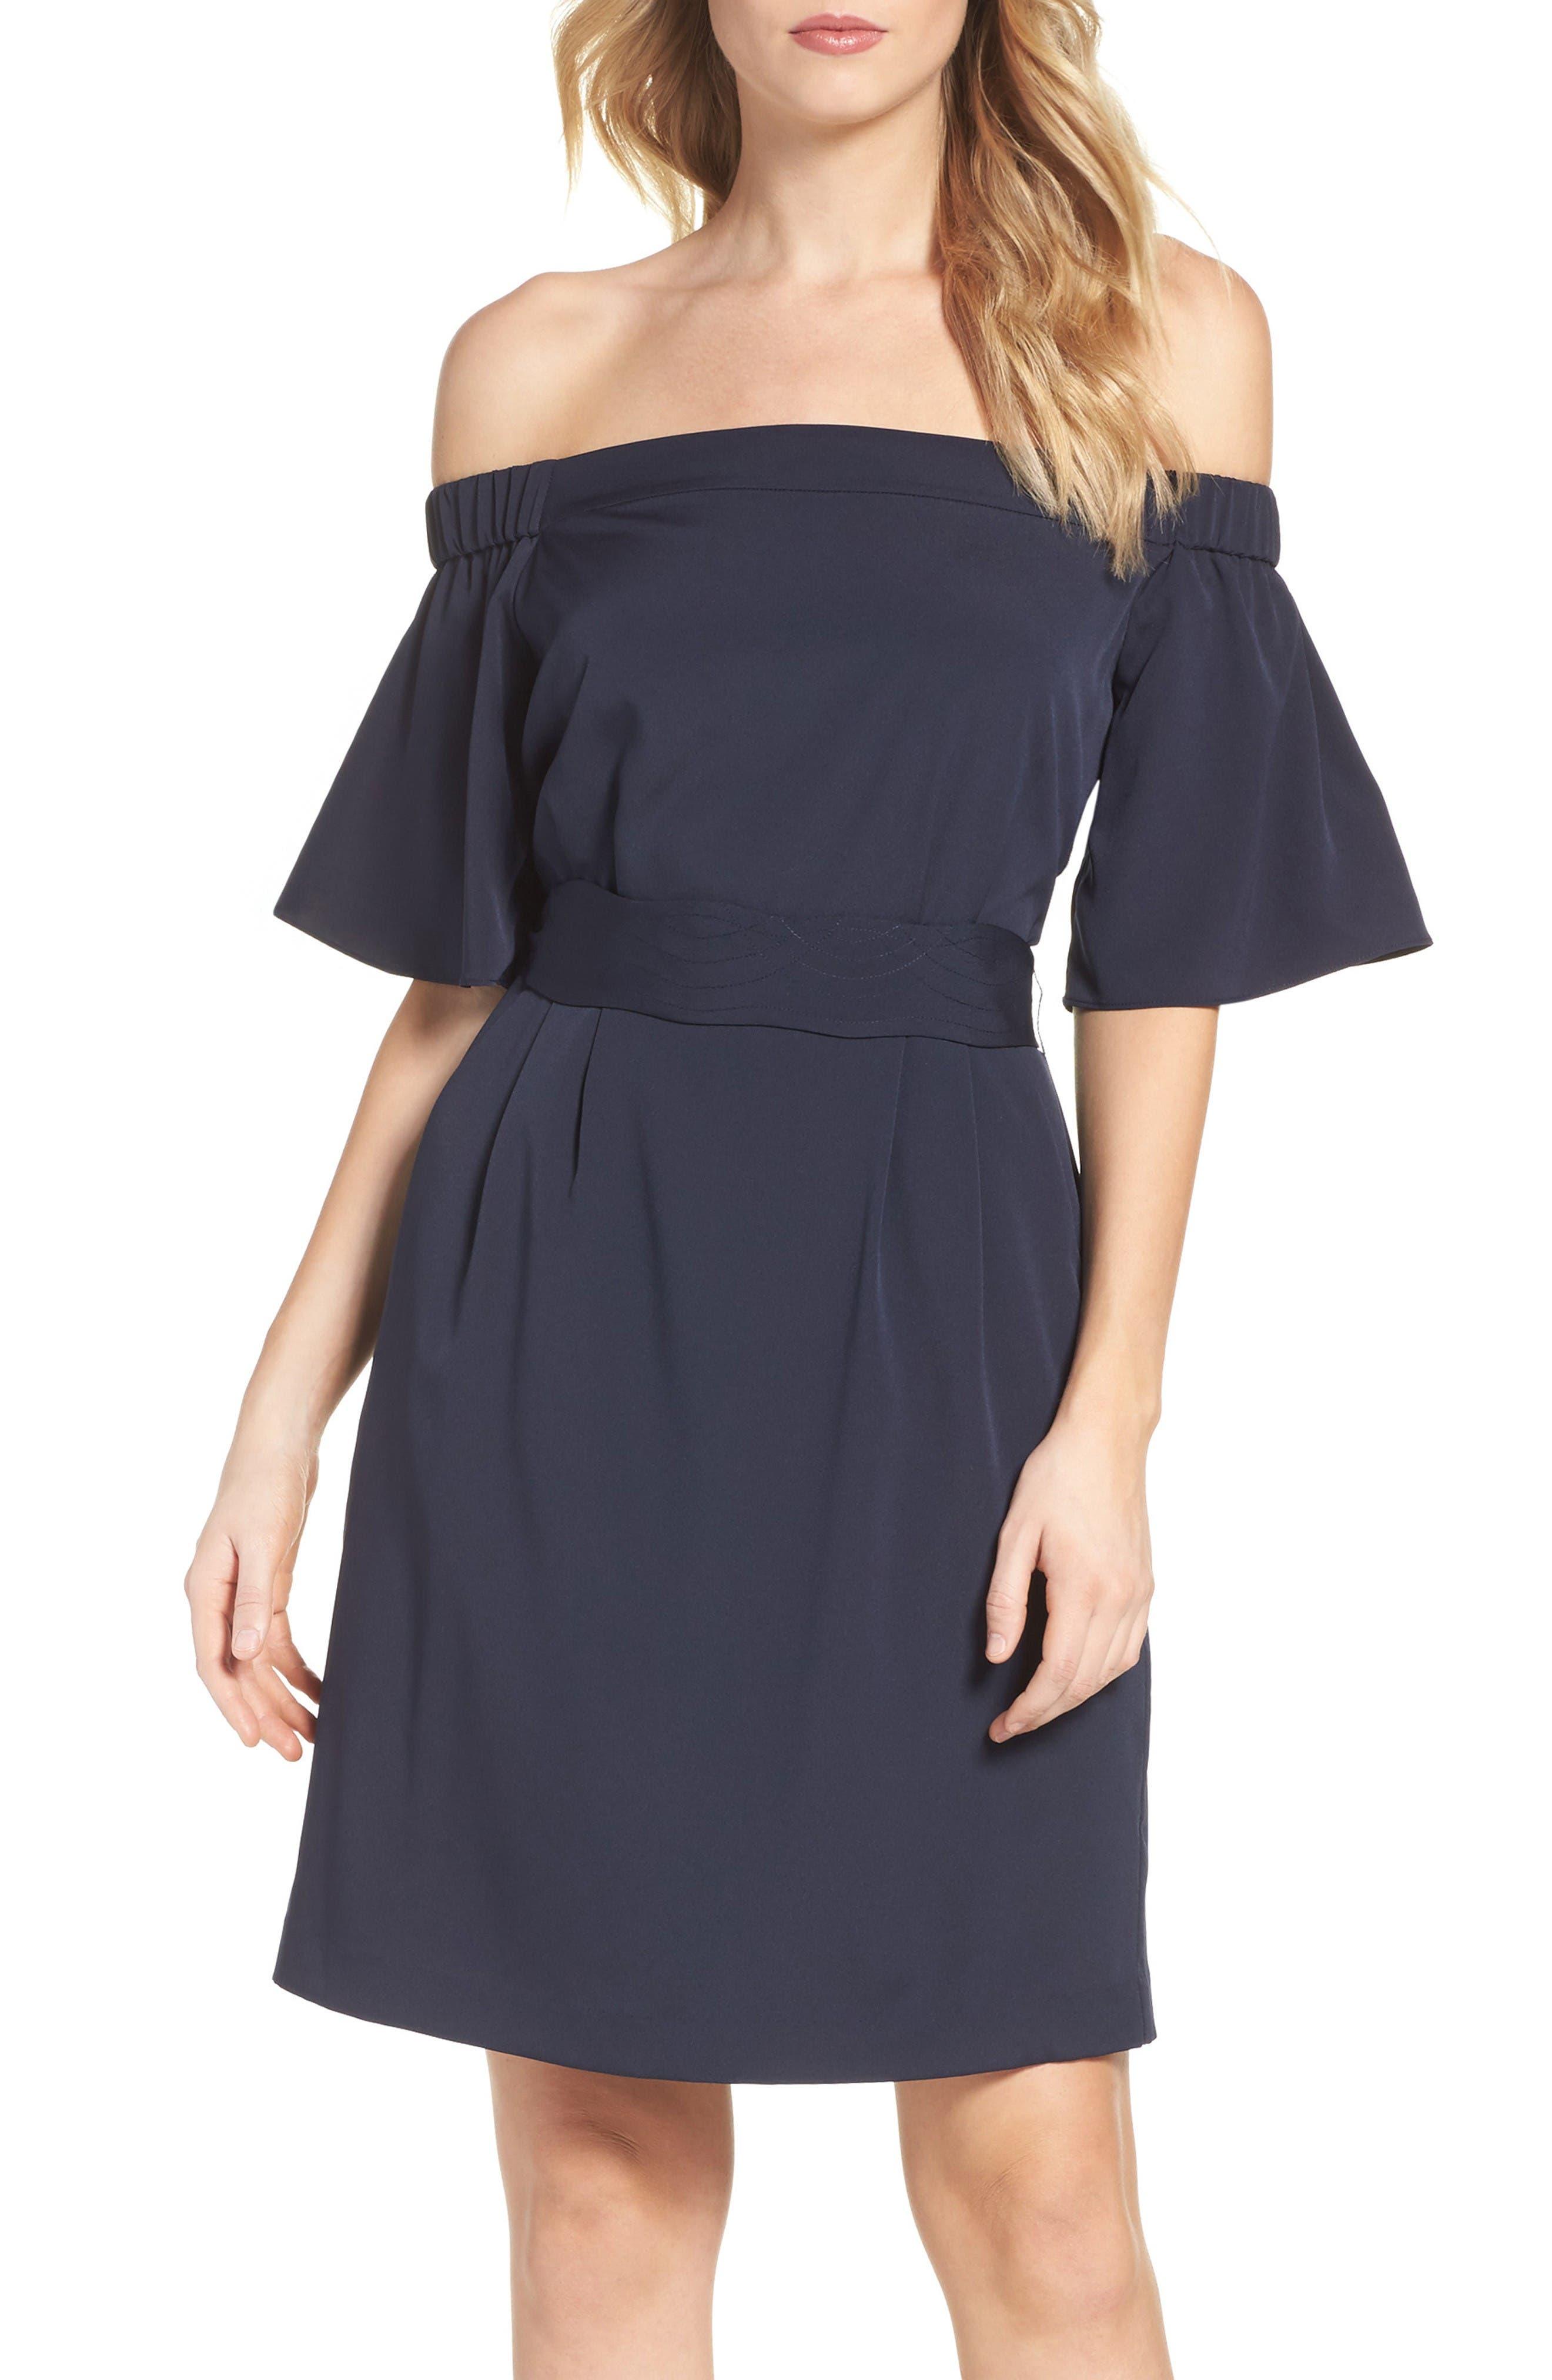 Alternate Image 1 Selected - Eliza J Off the Shoulder Obi Dress (Regular & Petite)